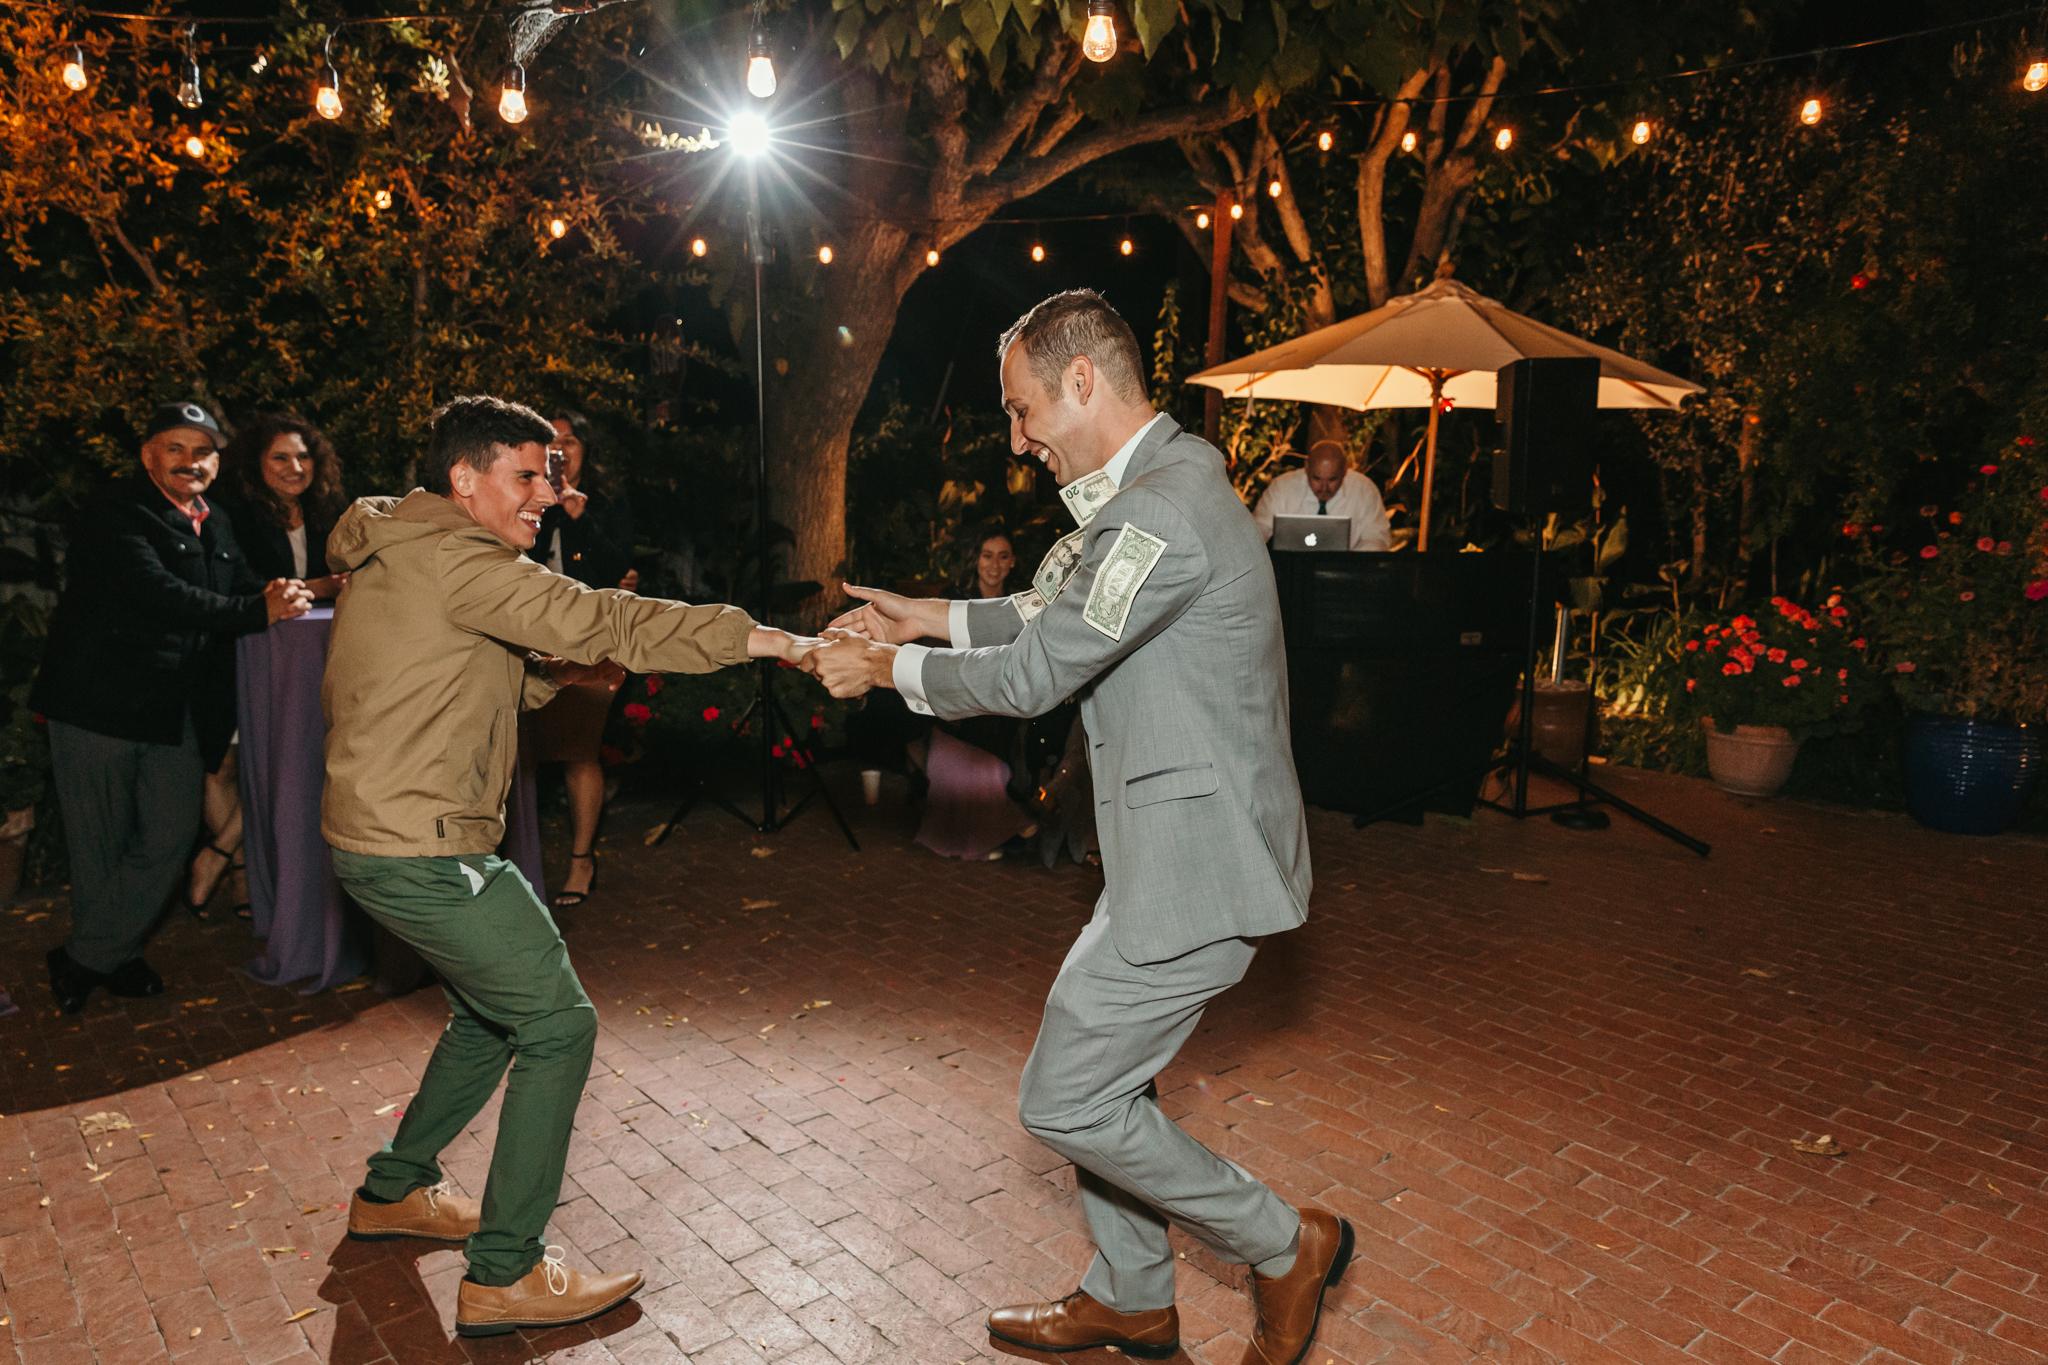 Jardines Outdoor Garden Wedding Reception Party